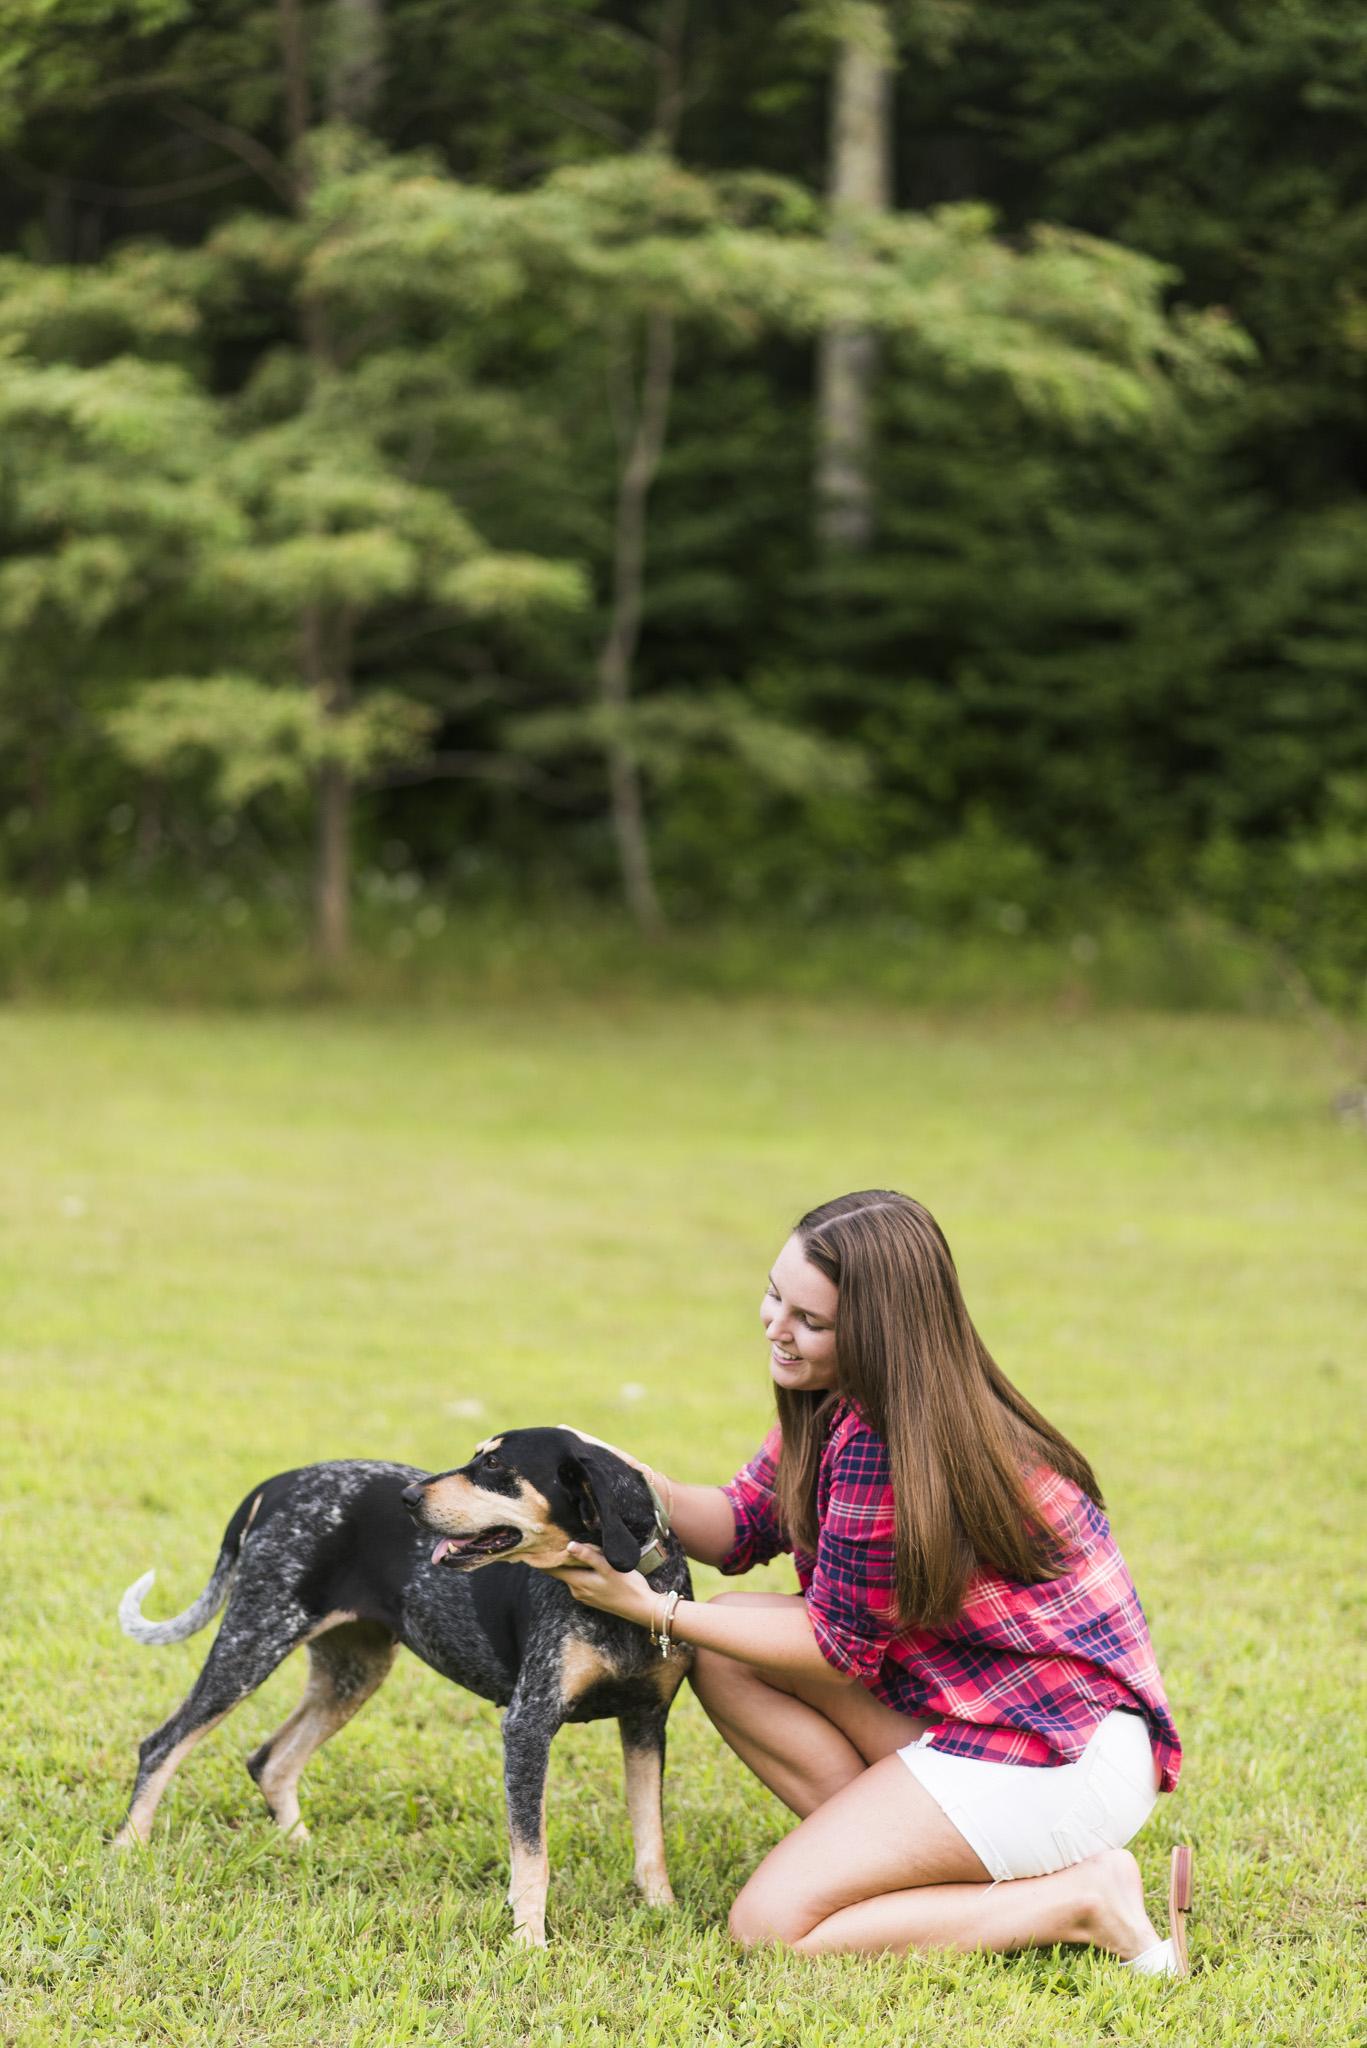 SeniorSession_BigIsland_VA_Lynchburg_farm_huntingdog20150805_0296.jpg